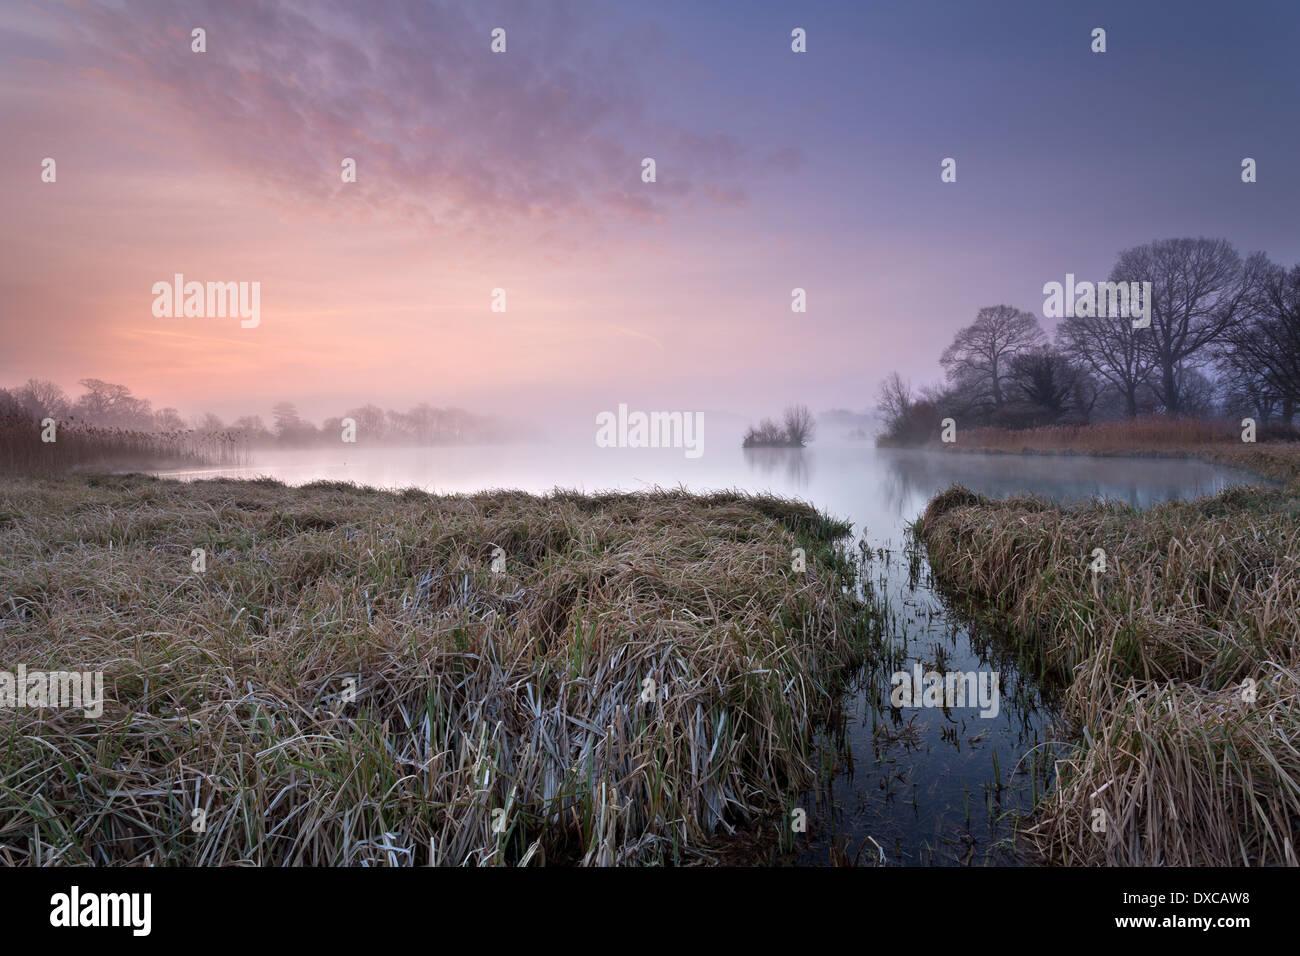 Sonnenaufgang am großen See, Castle Howard, North Yorkshire, UK. Stockbild